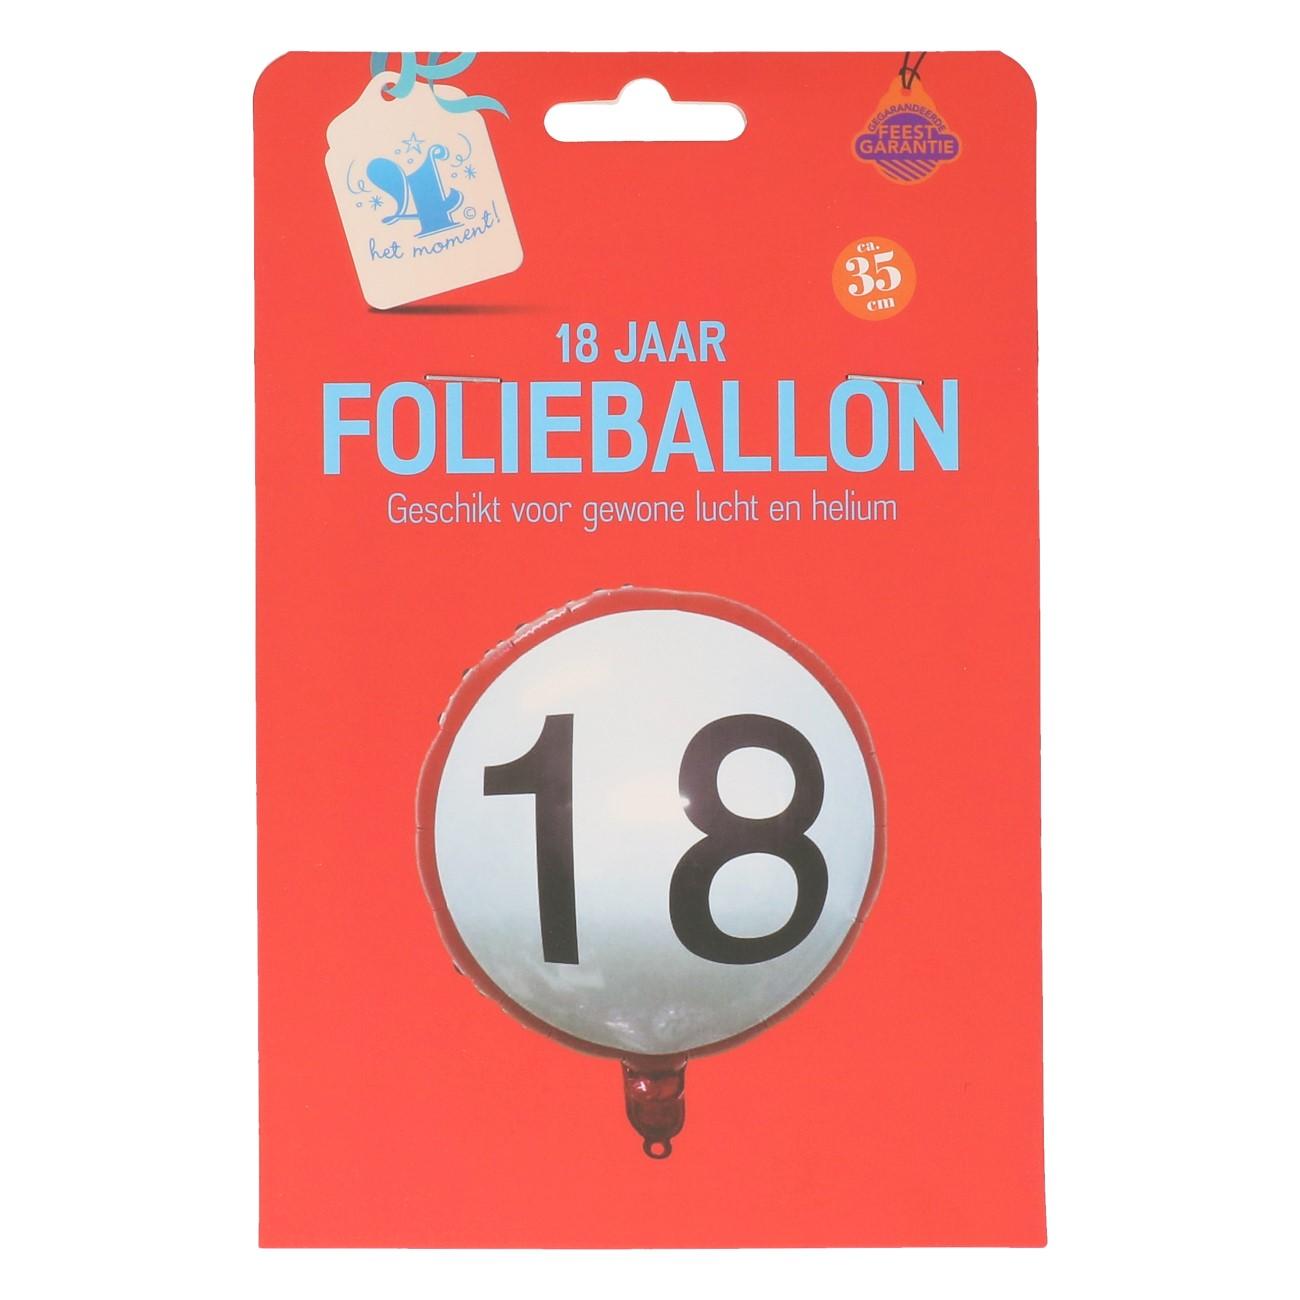 Folieballon 18 jaar